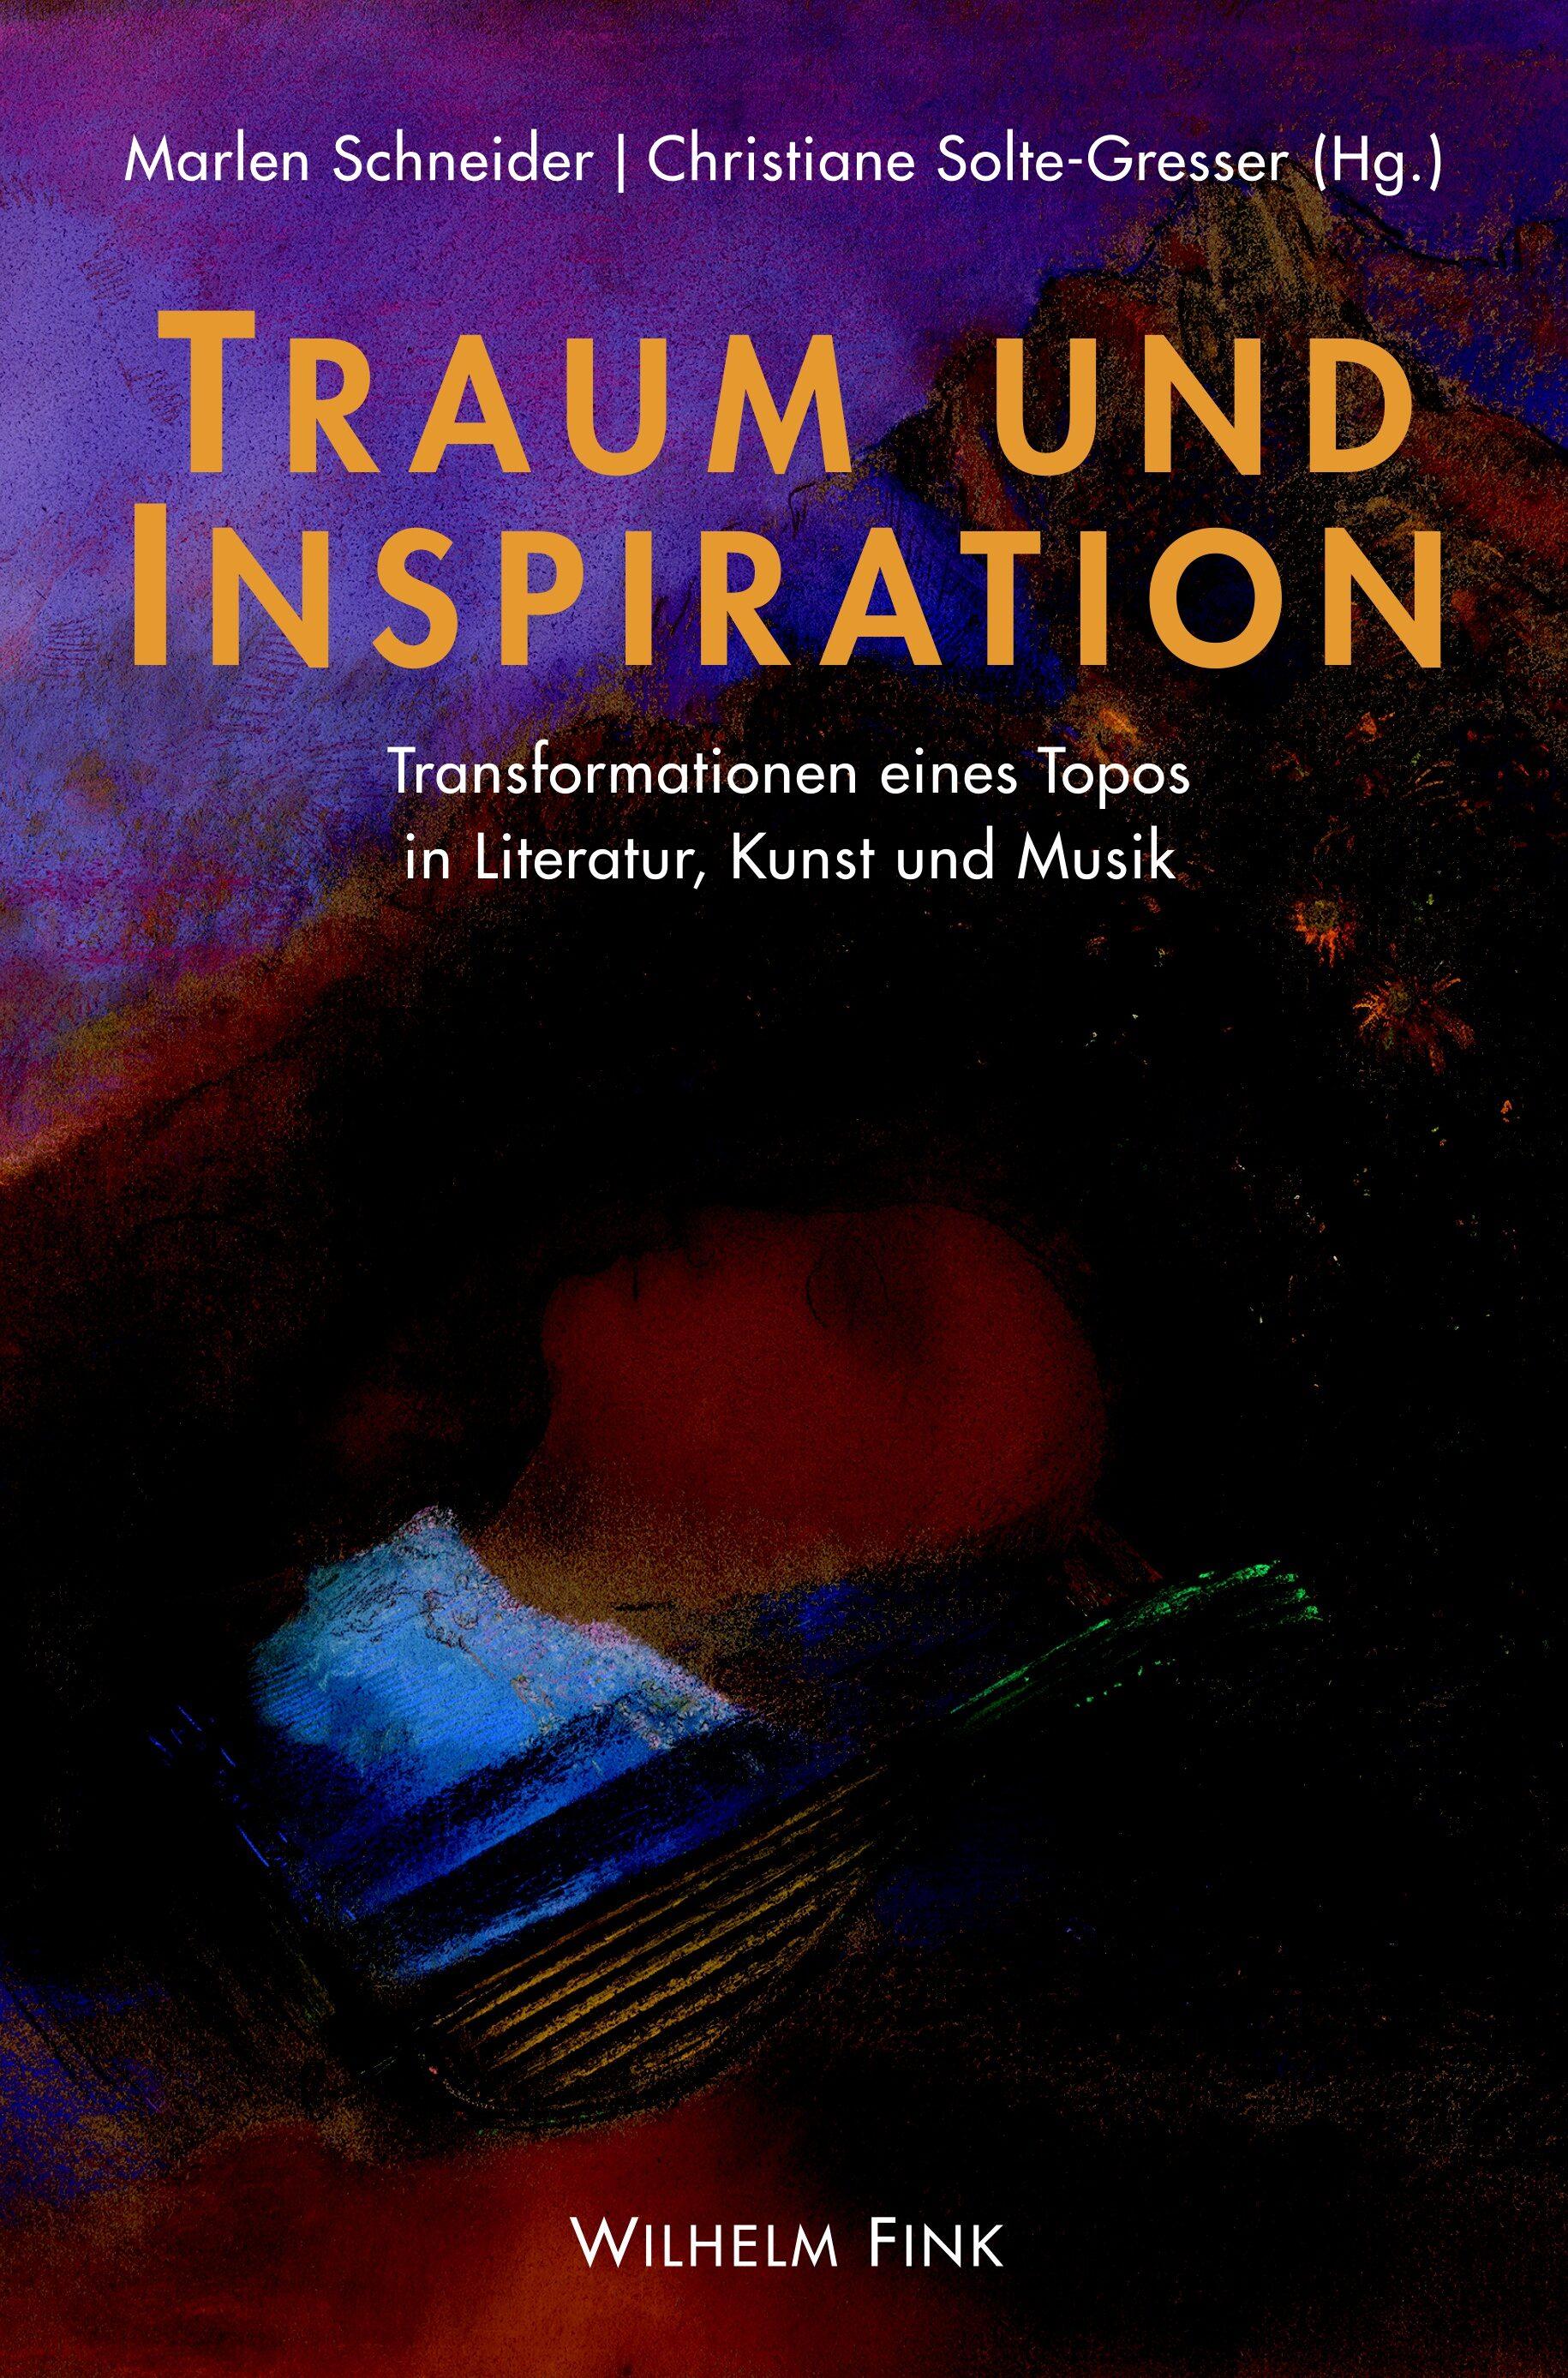 Romantik Surrealismus Informel Traum Und Inspiration Im Werk Von Bernard Schultze In Traum Und Inspiration